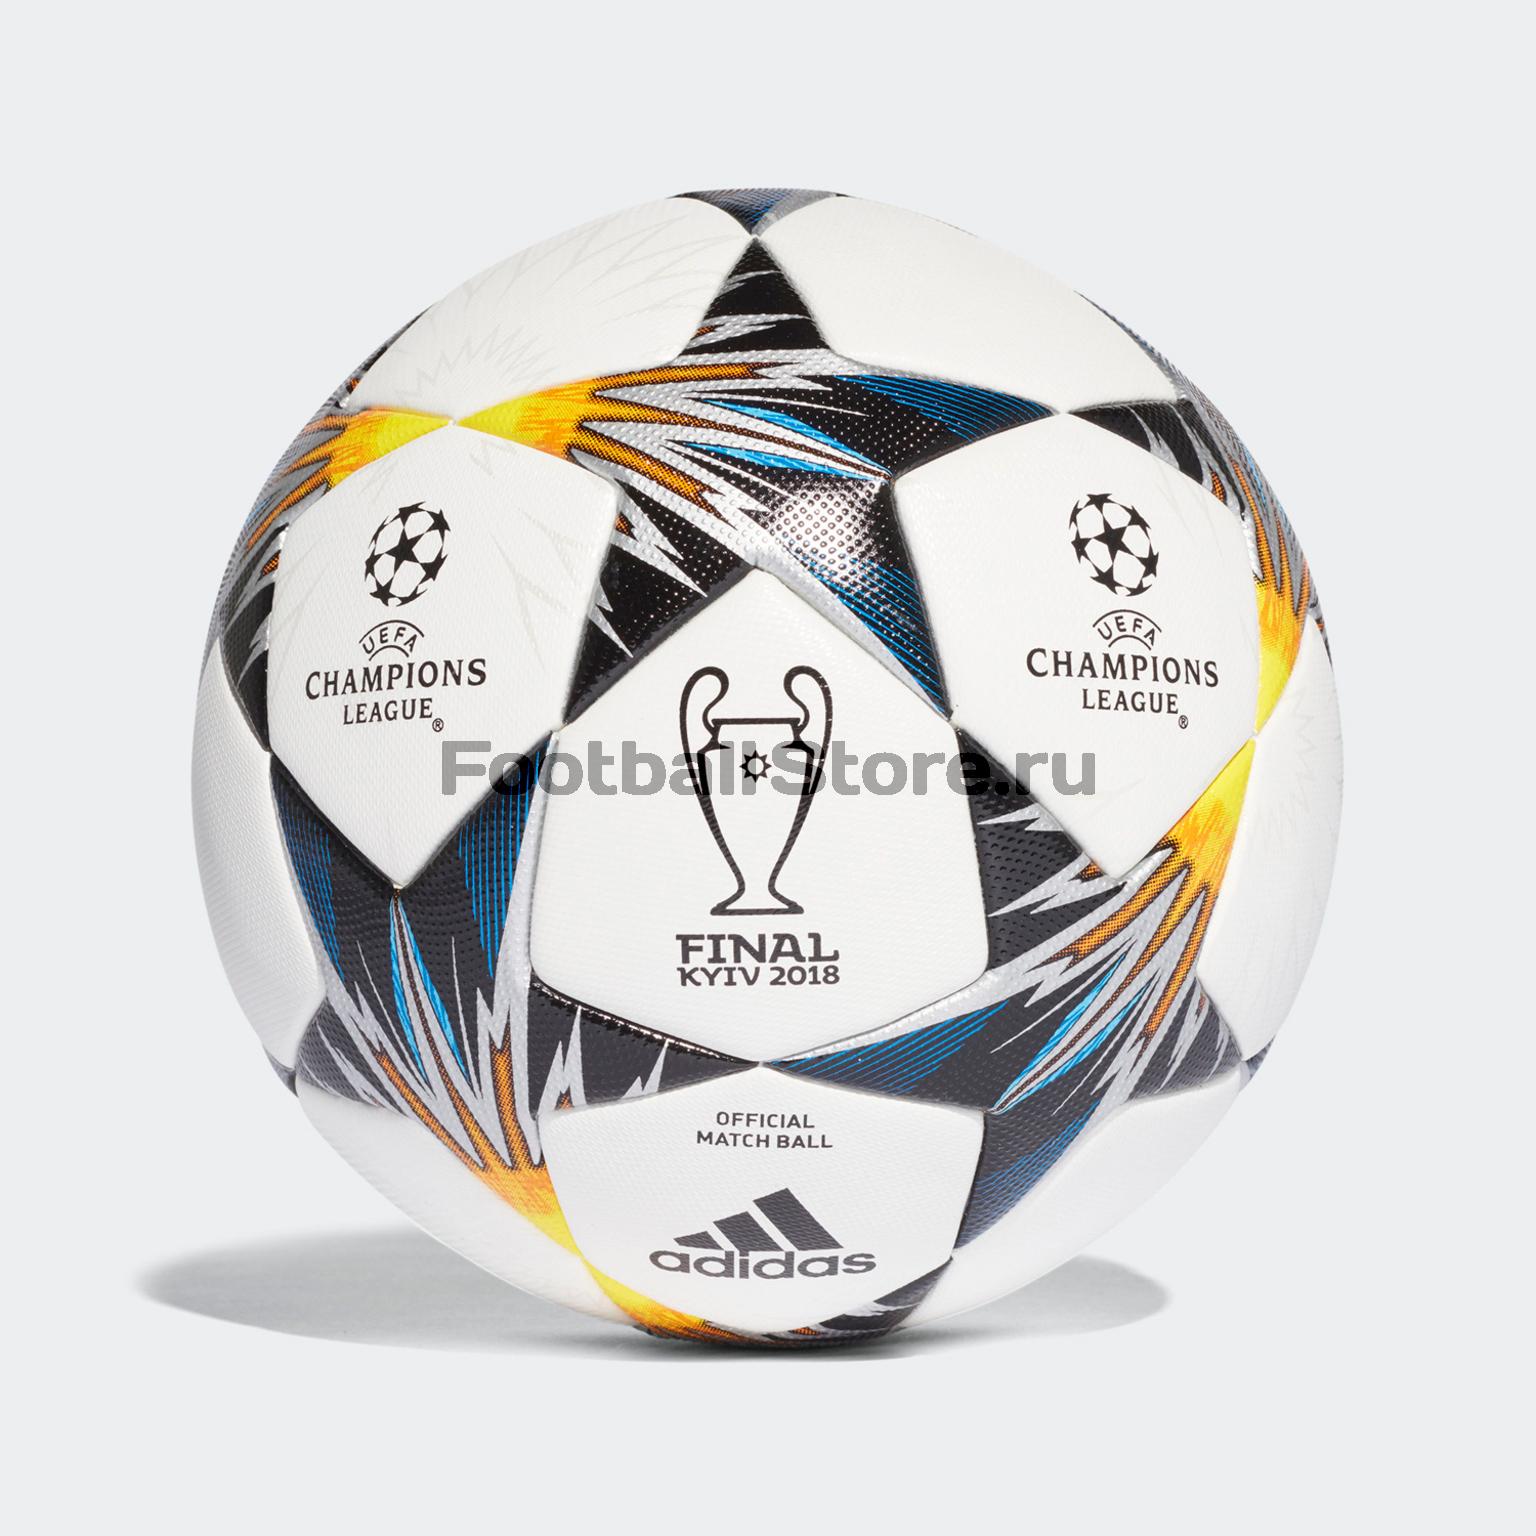 Официальный мяч Лиги Чемпионов 2018 Adidas Finale Kiev CF1203 финал лиги чемпионов 2014 реал атлетико видео